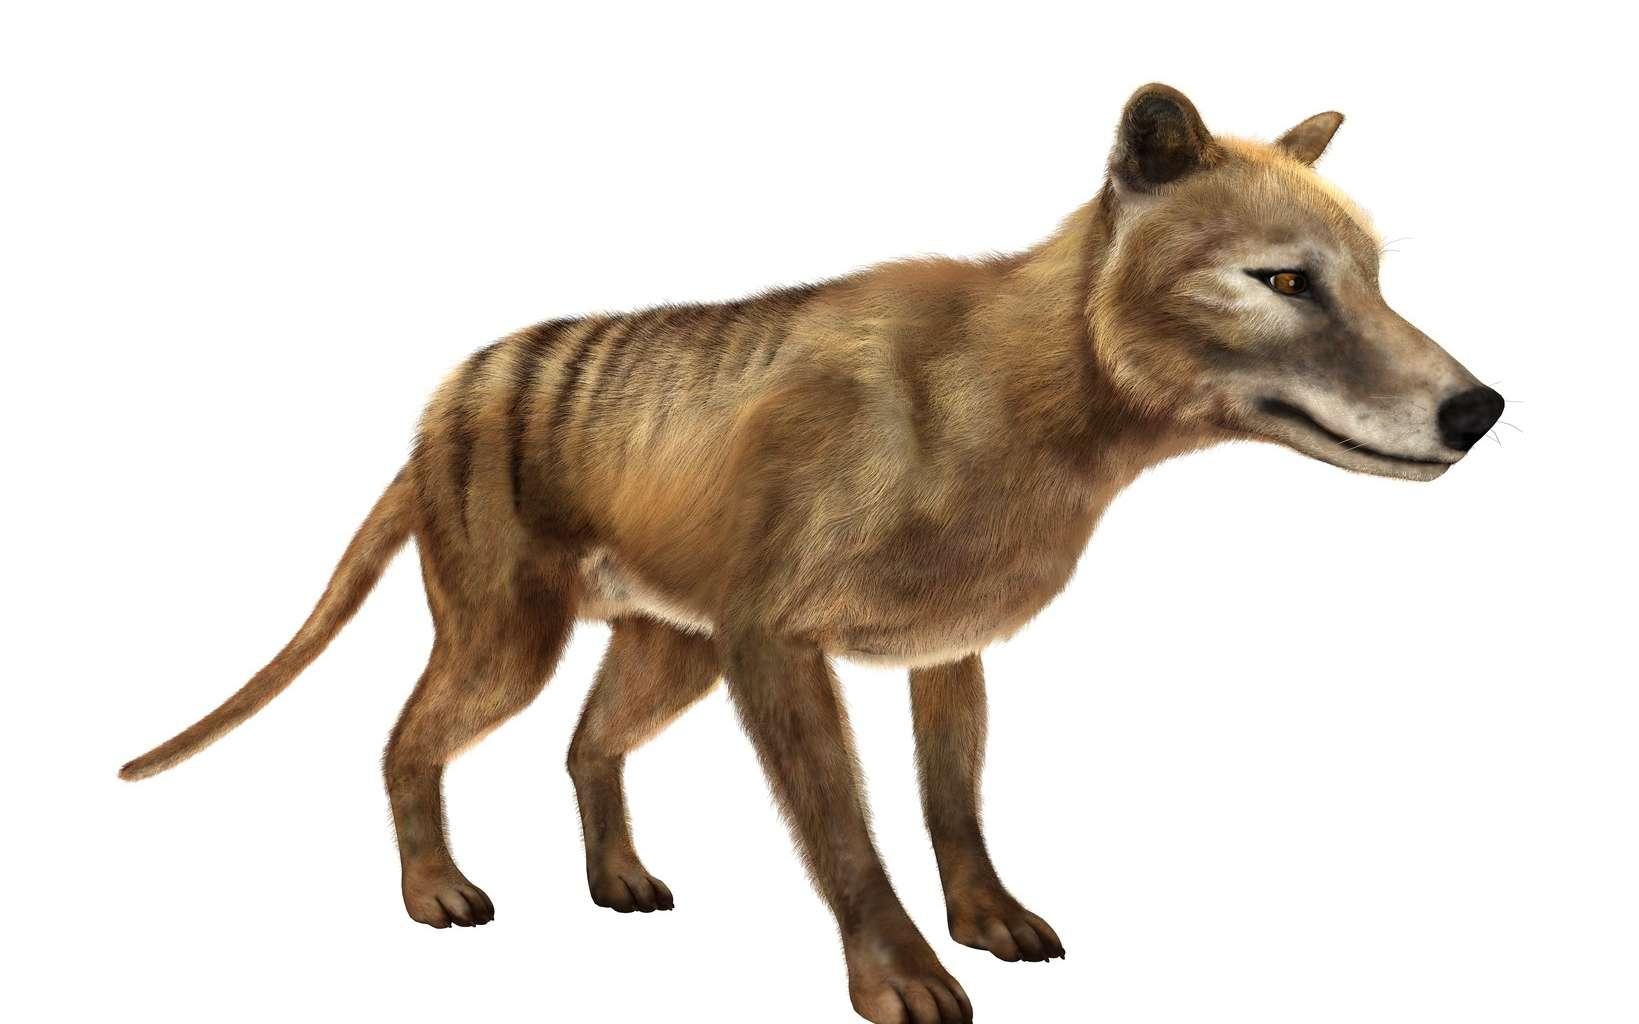 Le tigre de Tasmanie, aussi appelé thylacine, ressemble à un chien et porte des rayures. © photosvac, Fotolia